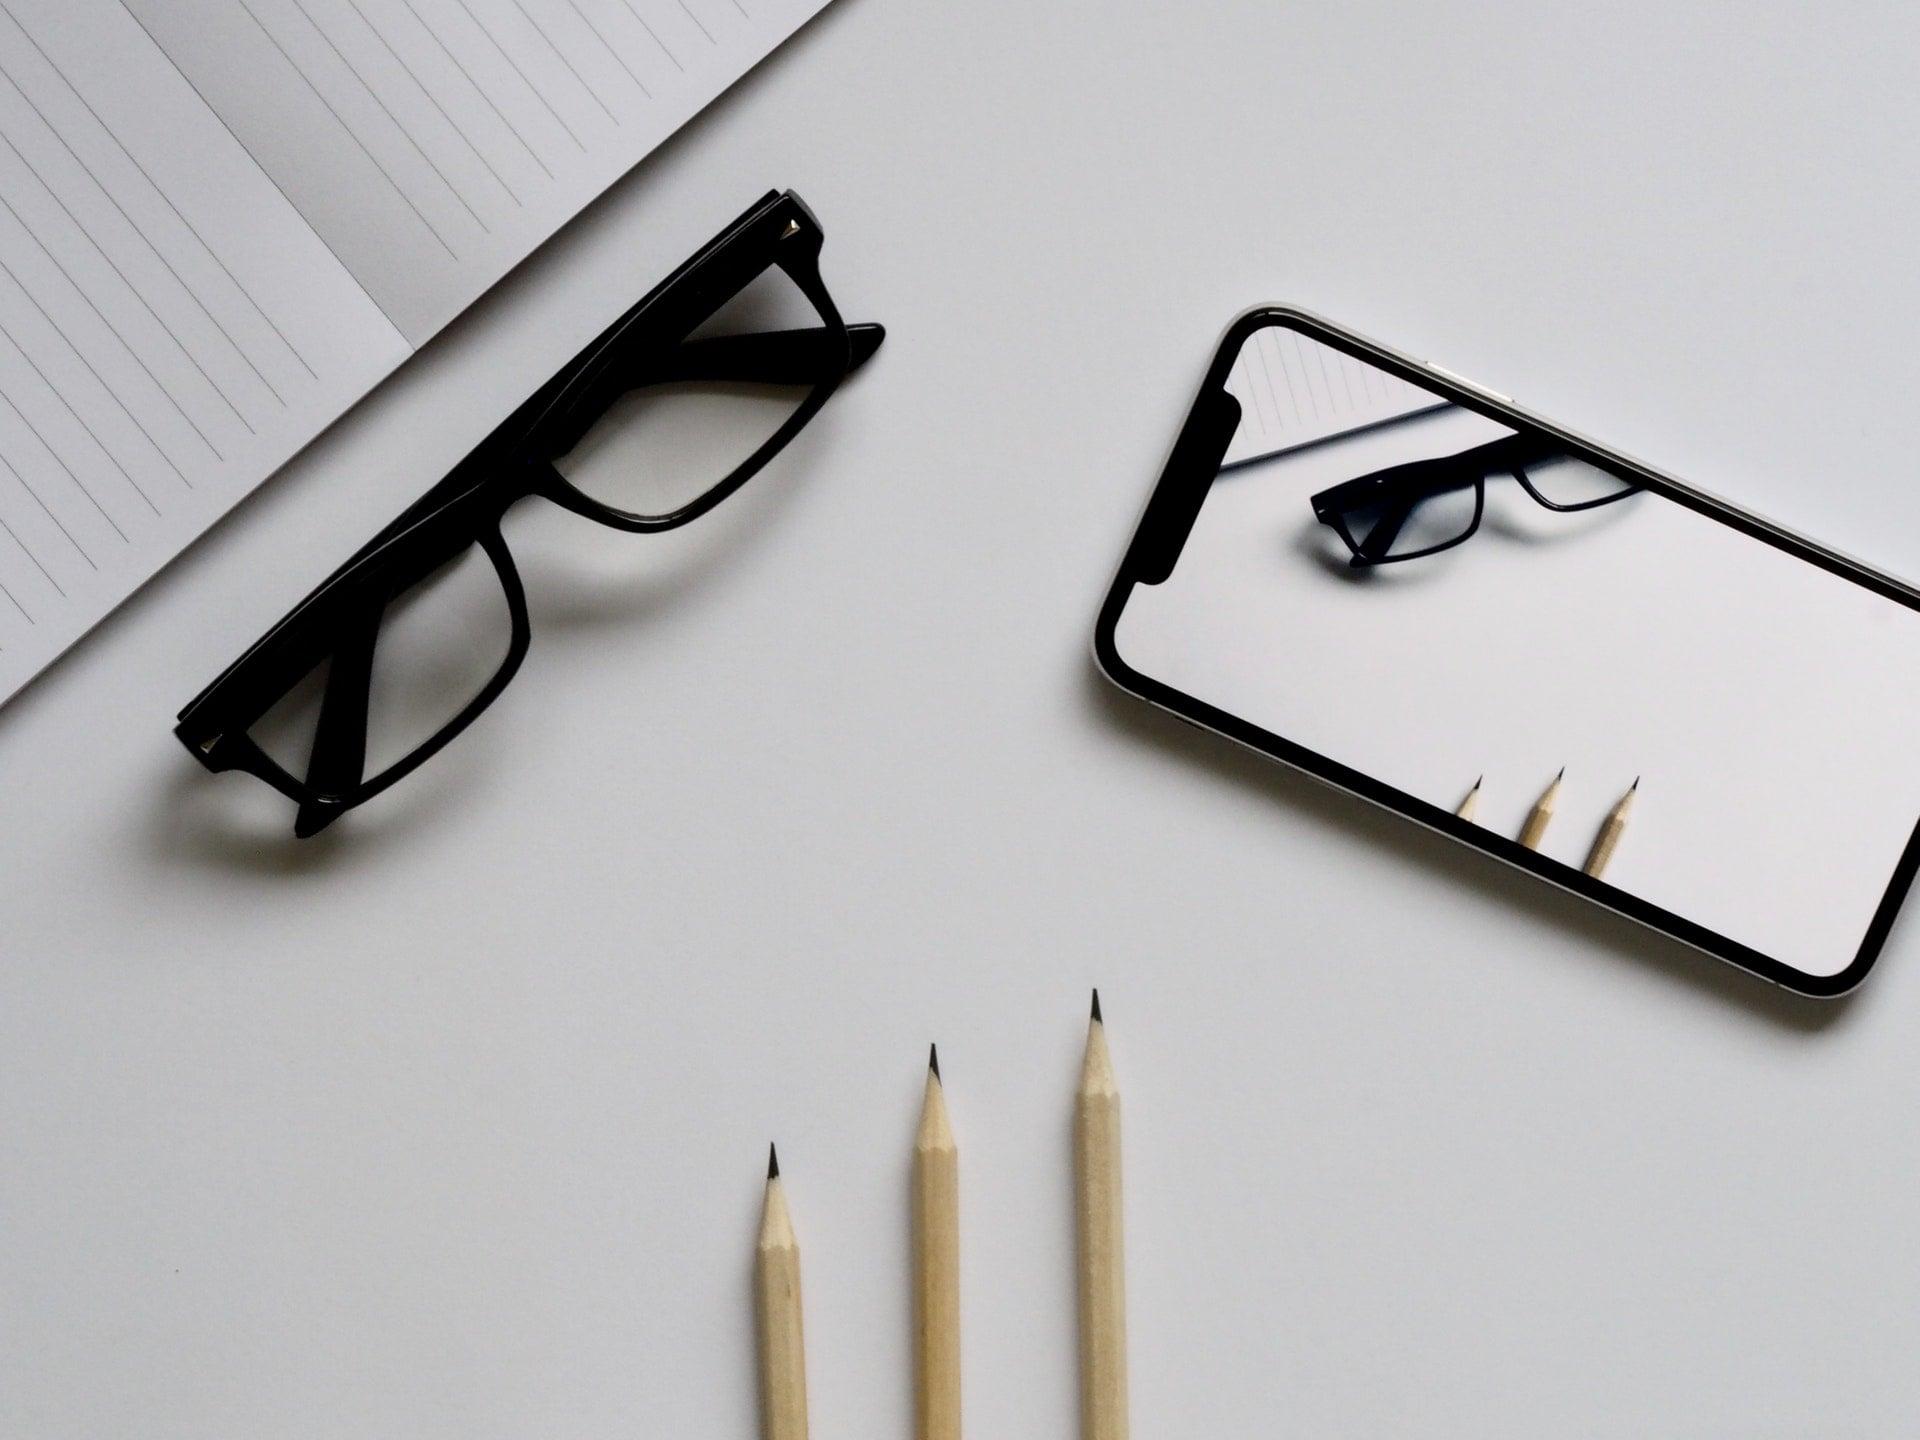 Okulary rozszerzonej rzeczywistości Apple mogą pojawić się na rynku w pierwszej połowie przyszłego roku